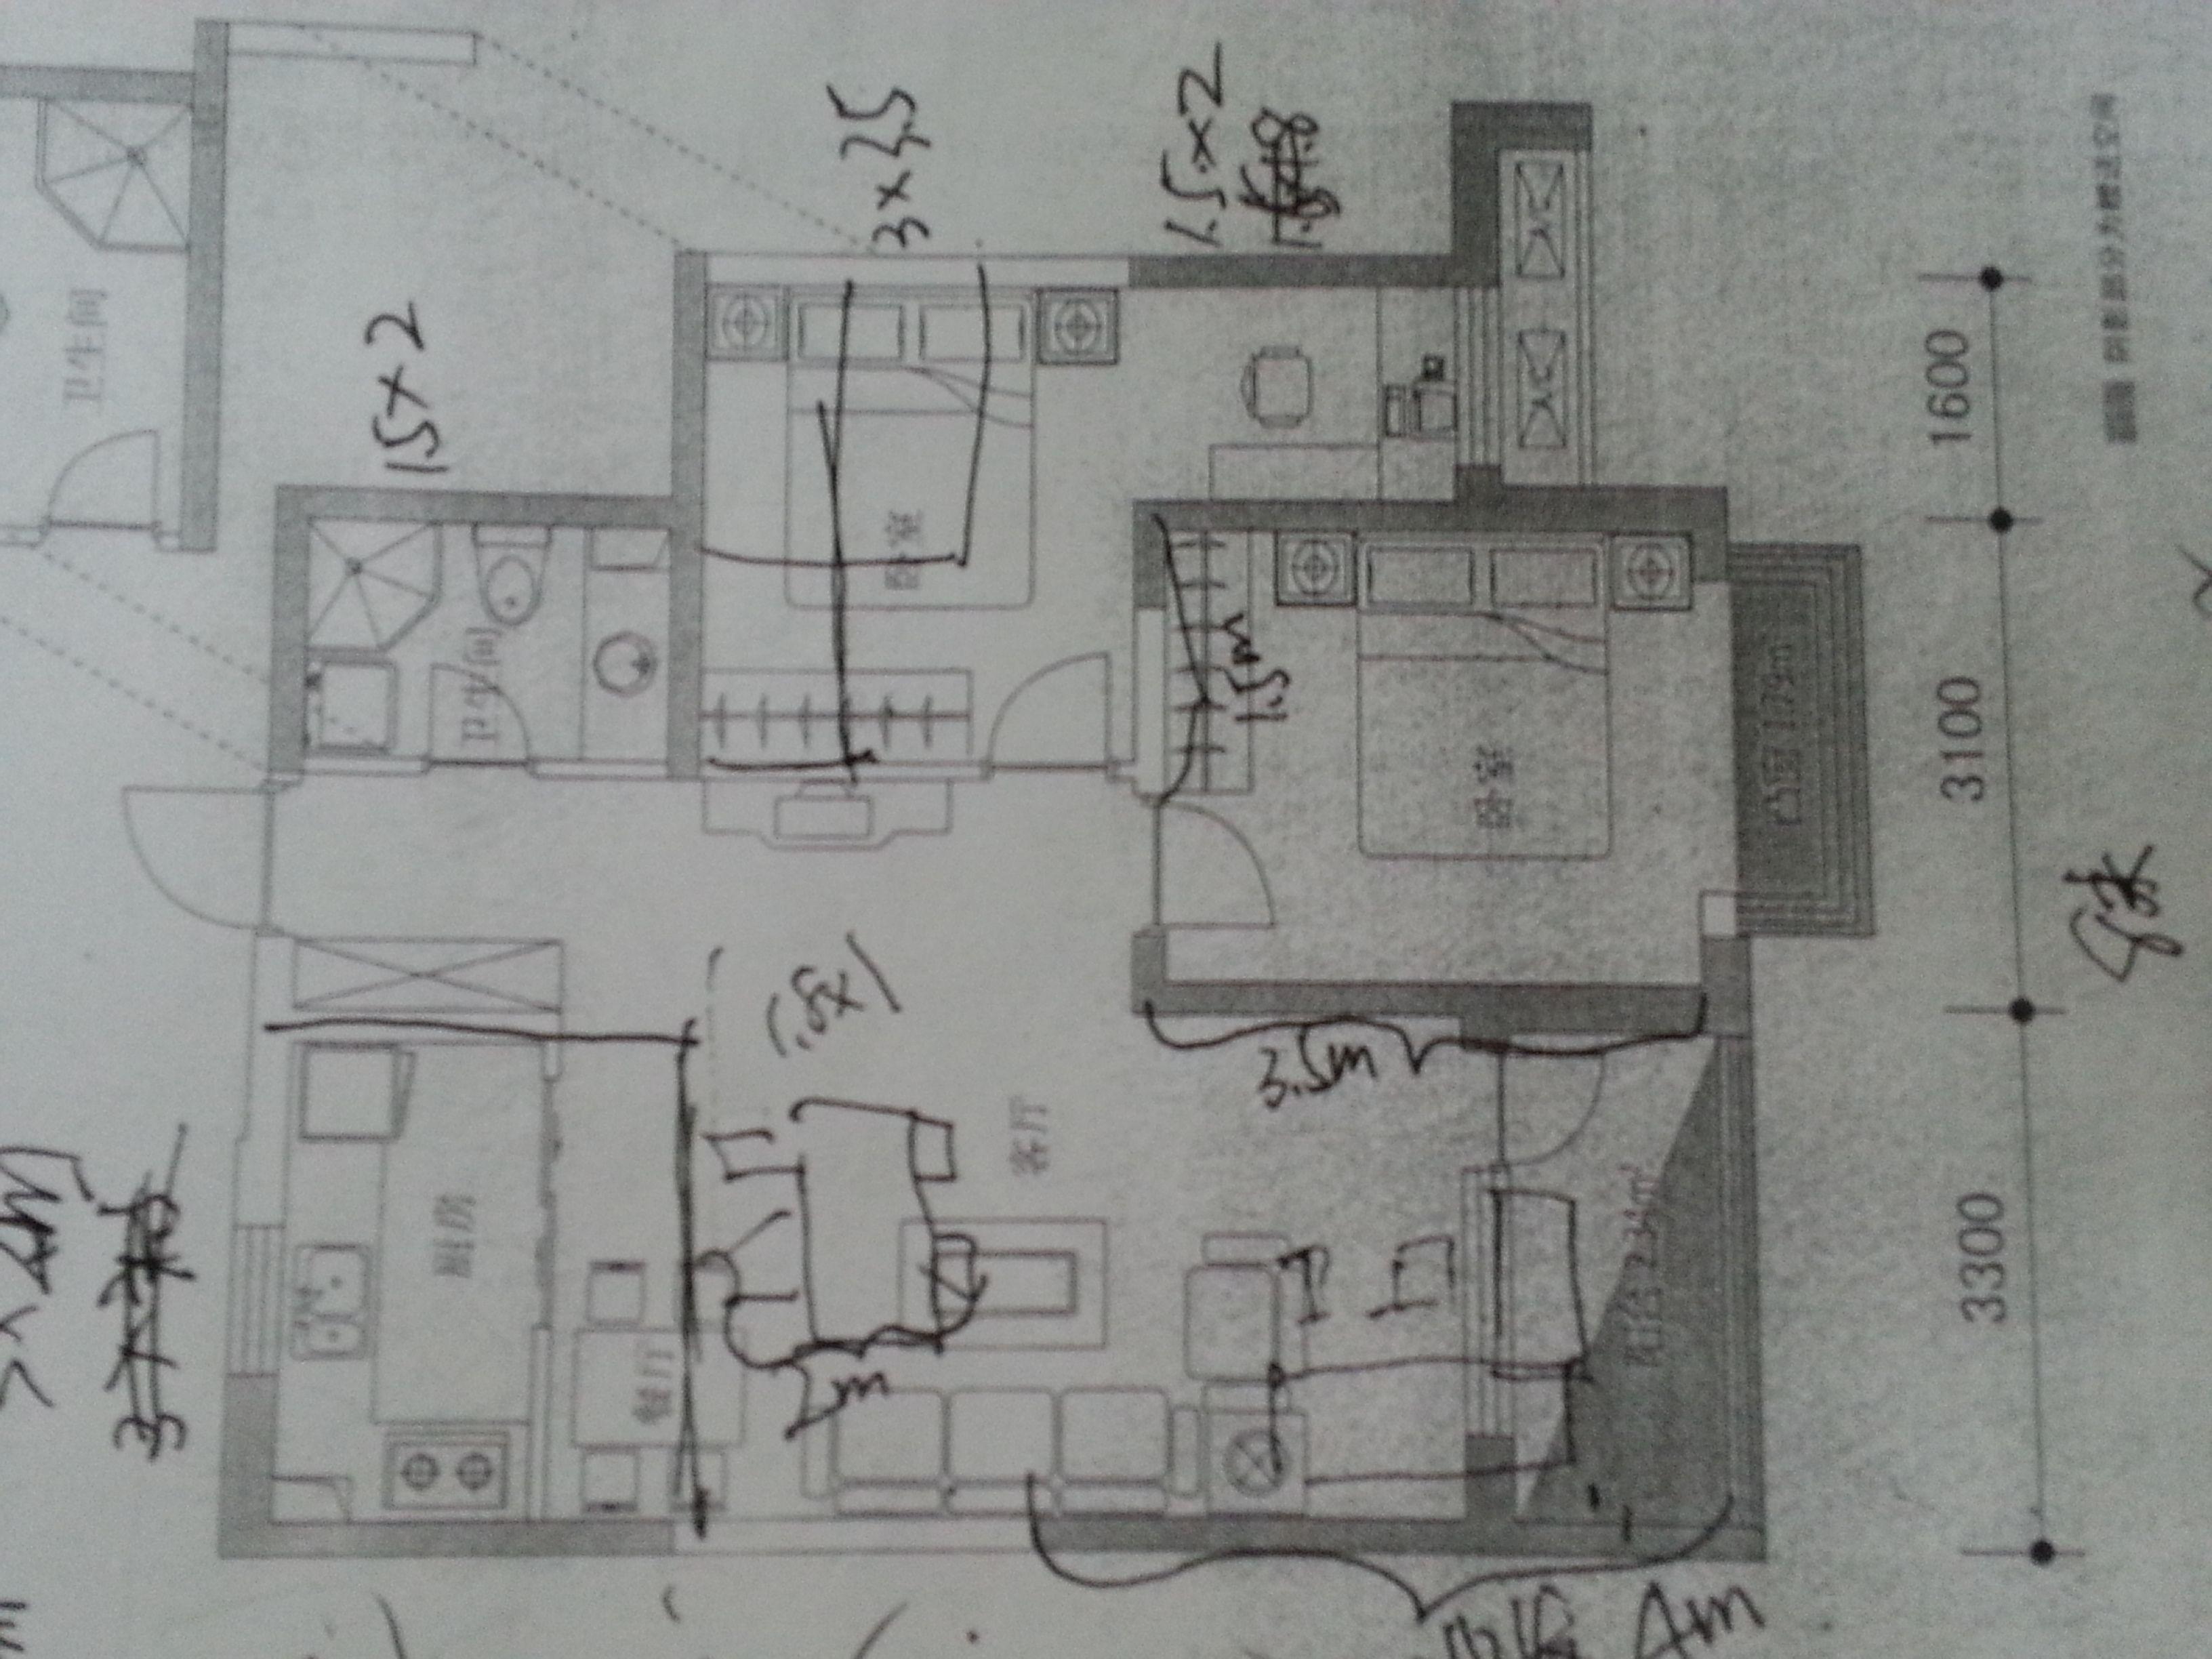 風水問題,坐北朝南的房子,大門正對著上樓樓梯門,走廊圖片